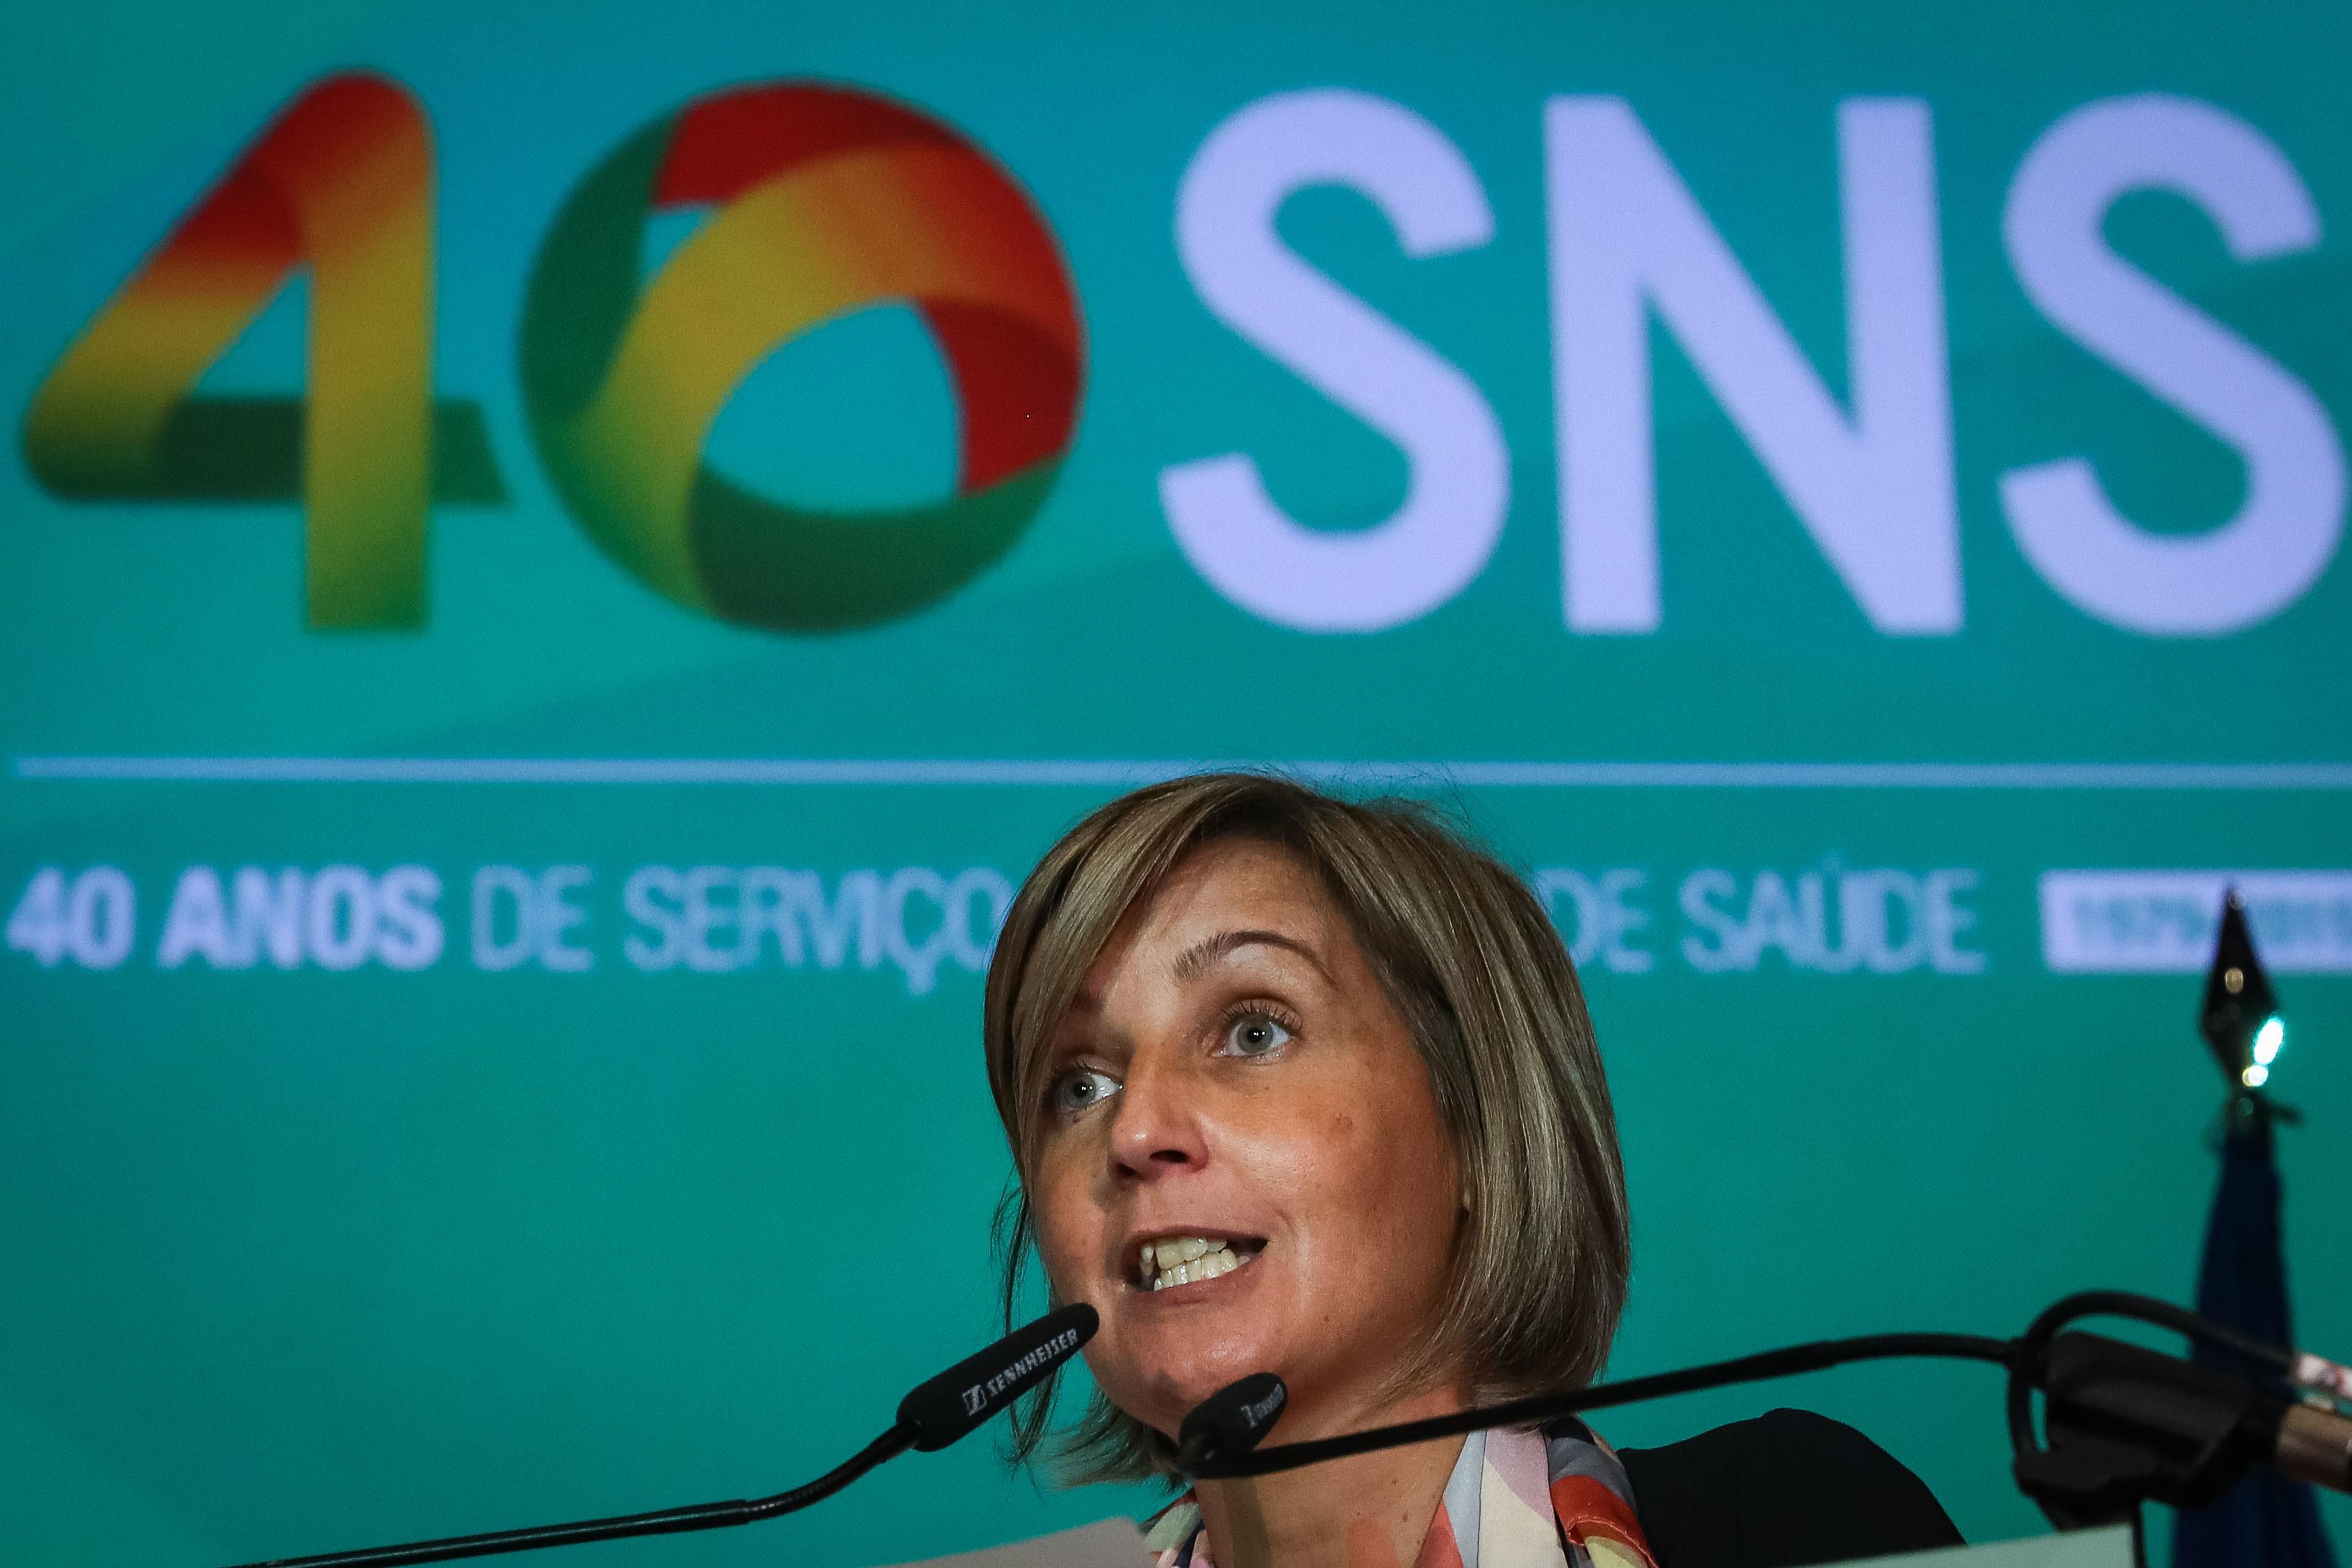 Ministra da Saúde aponta três desafios para Serviço Nacional de Saúde